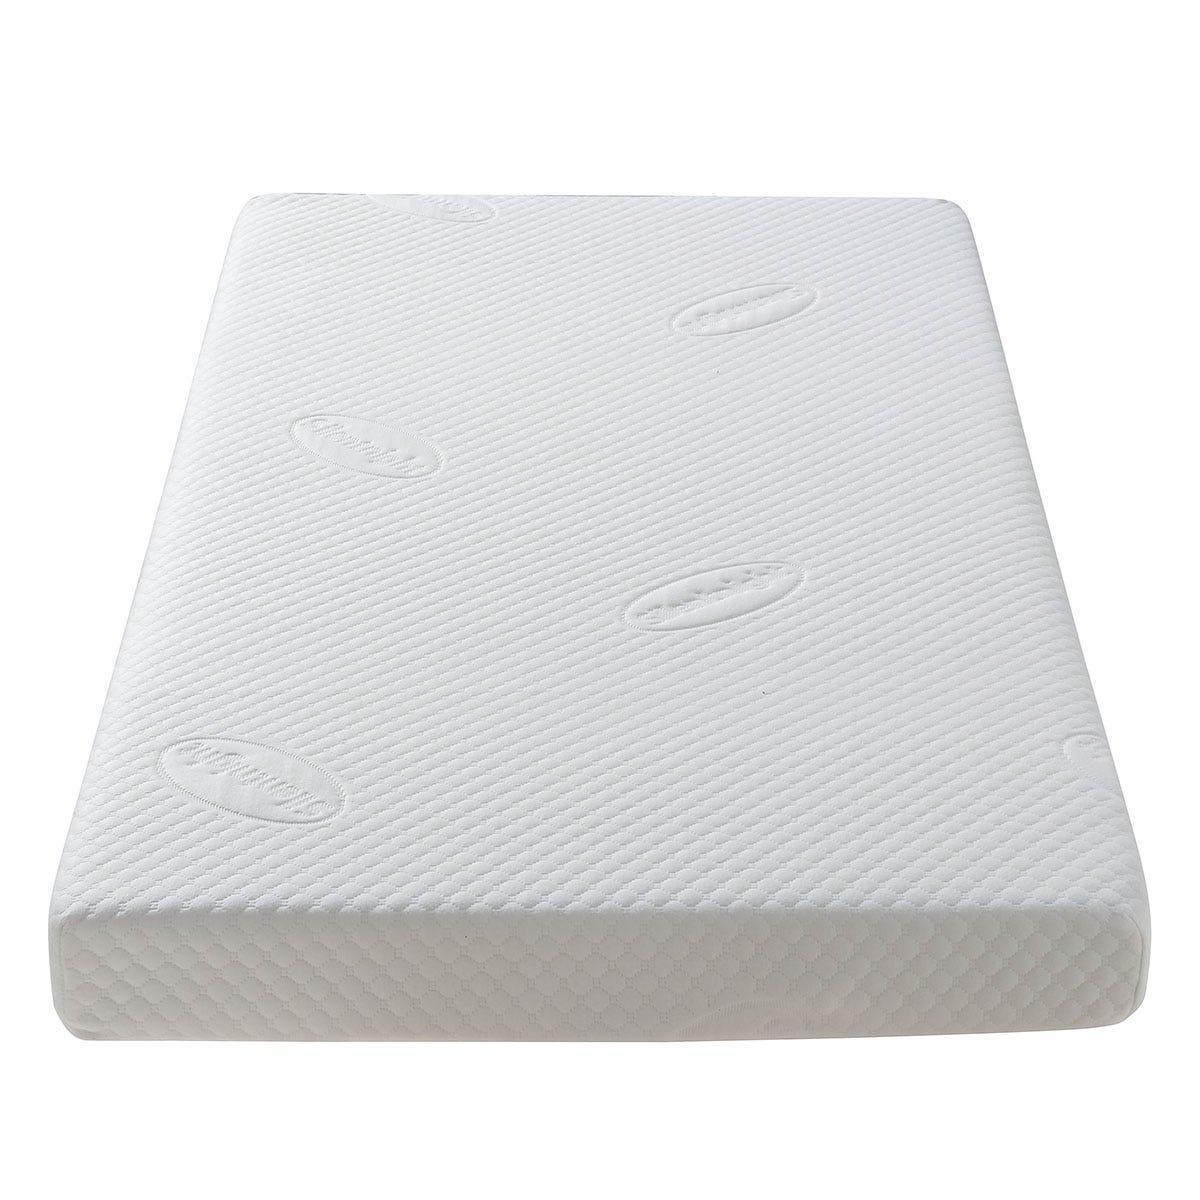 Silentnight Safe Nights Essentials White Cot Mattress - 60x120cm